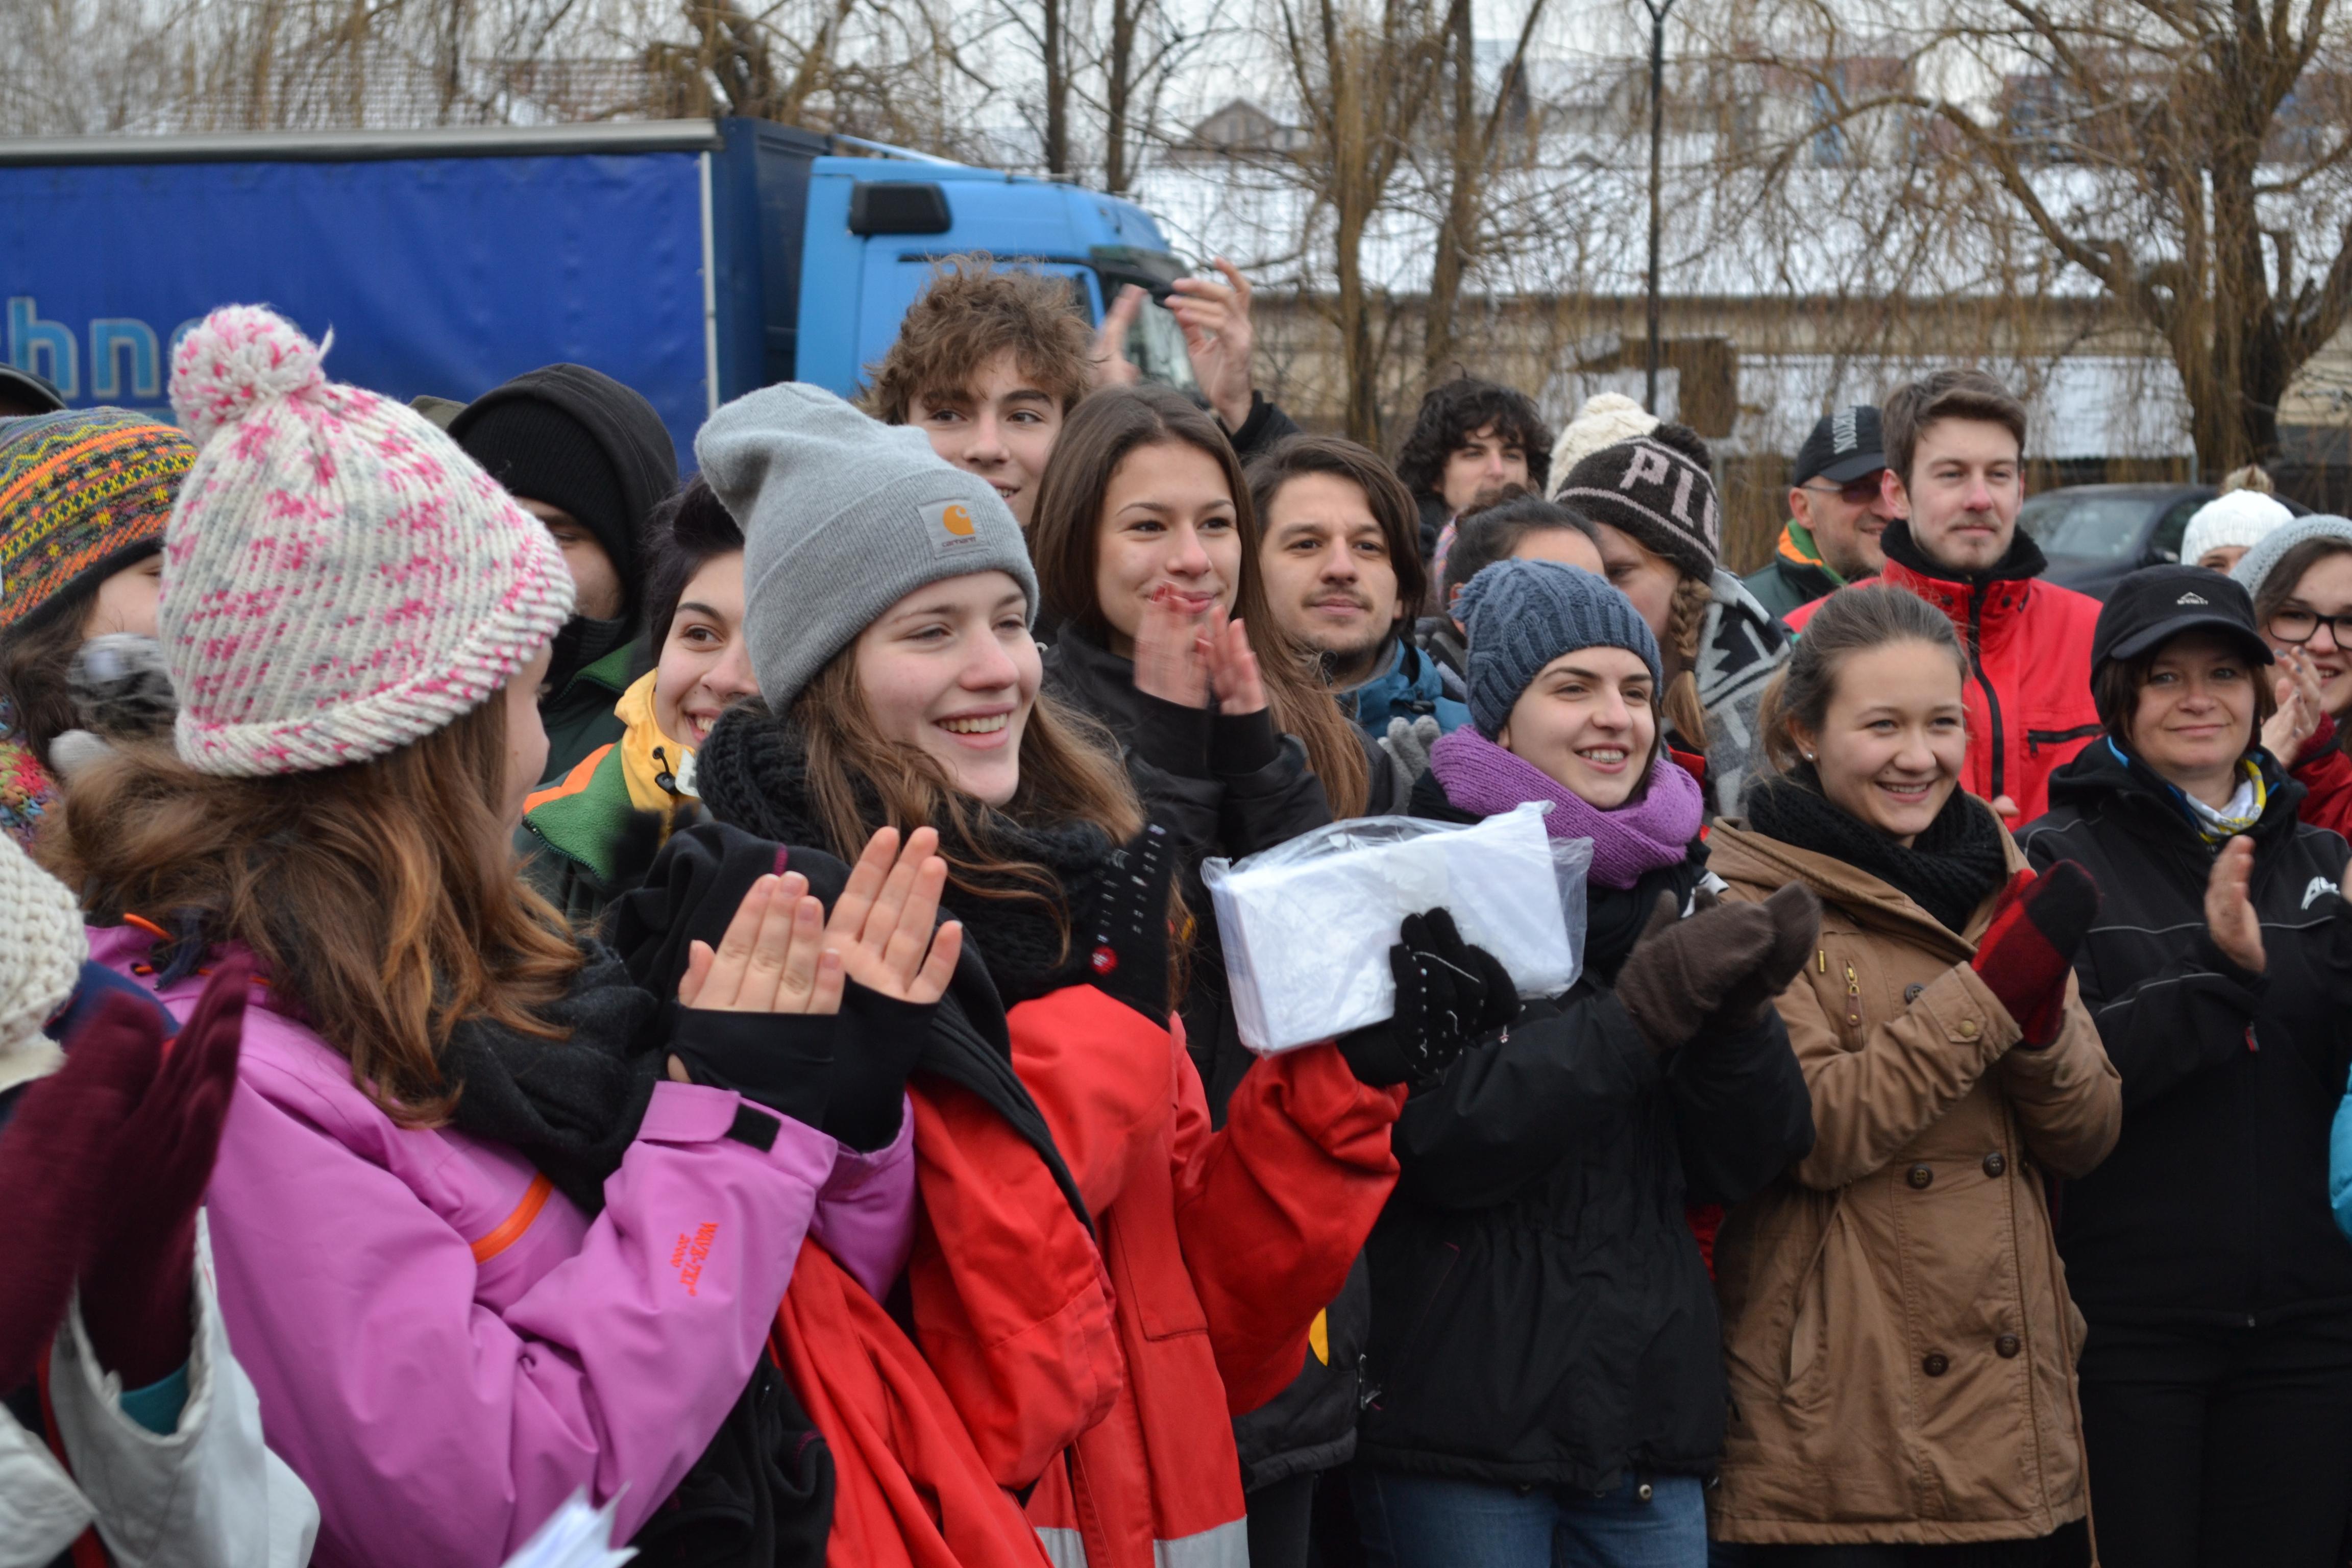 Peste 20.000 de copii din 4 judete primesc pachete din Germania, dar trebuie sa planteze c�te un pom - FOTO